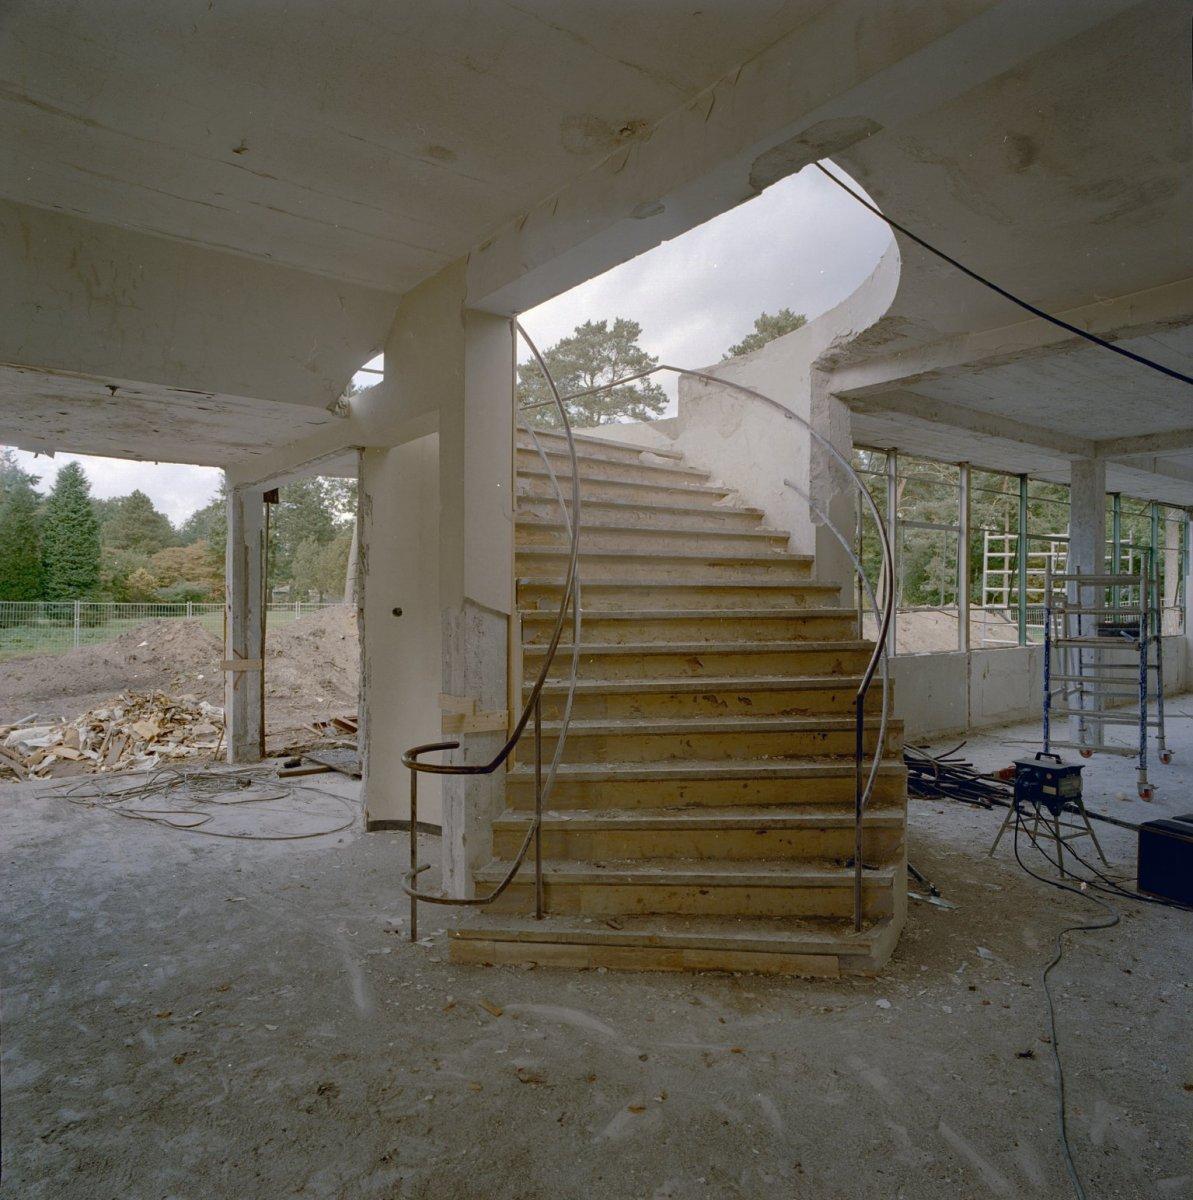 File:Interieur, hoofdgebouw, trap, tijdens restauratie - Hilversum ...